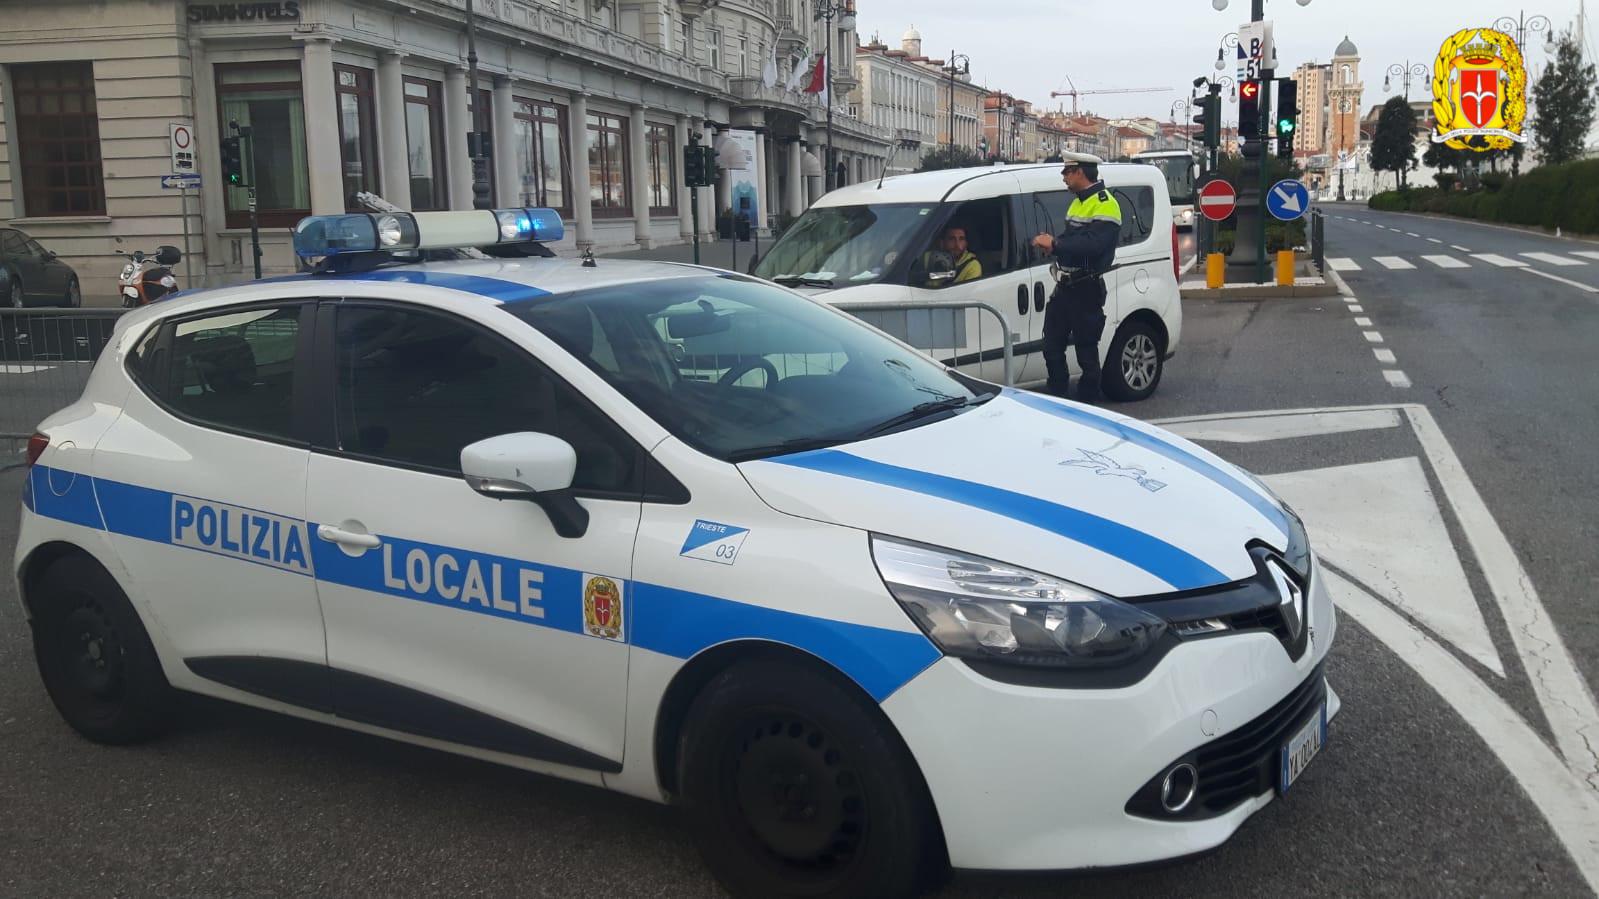 Controllo del territorio: la PL recupera dosi di ecstasy e cocaina